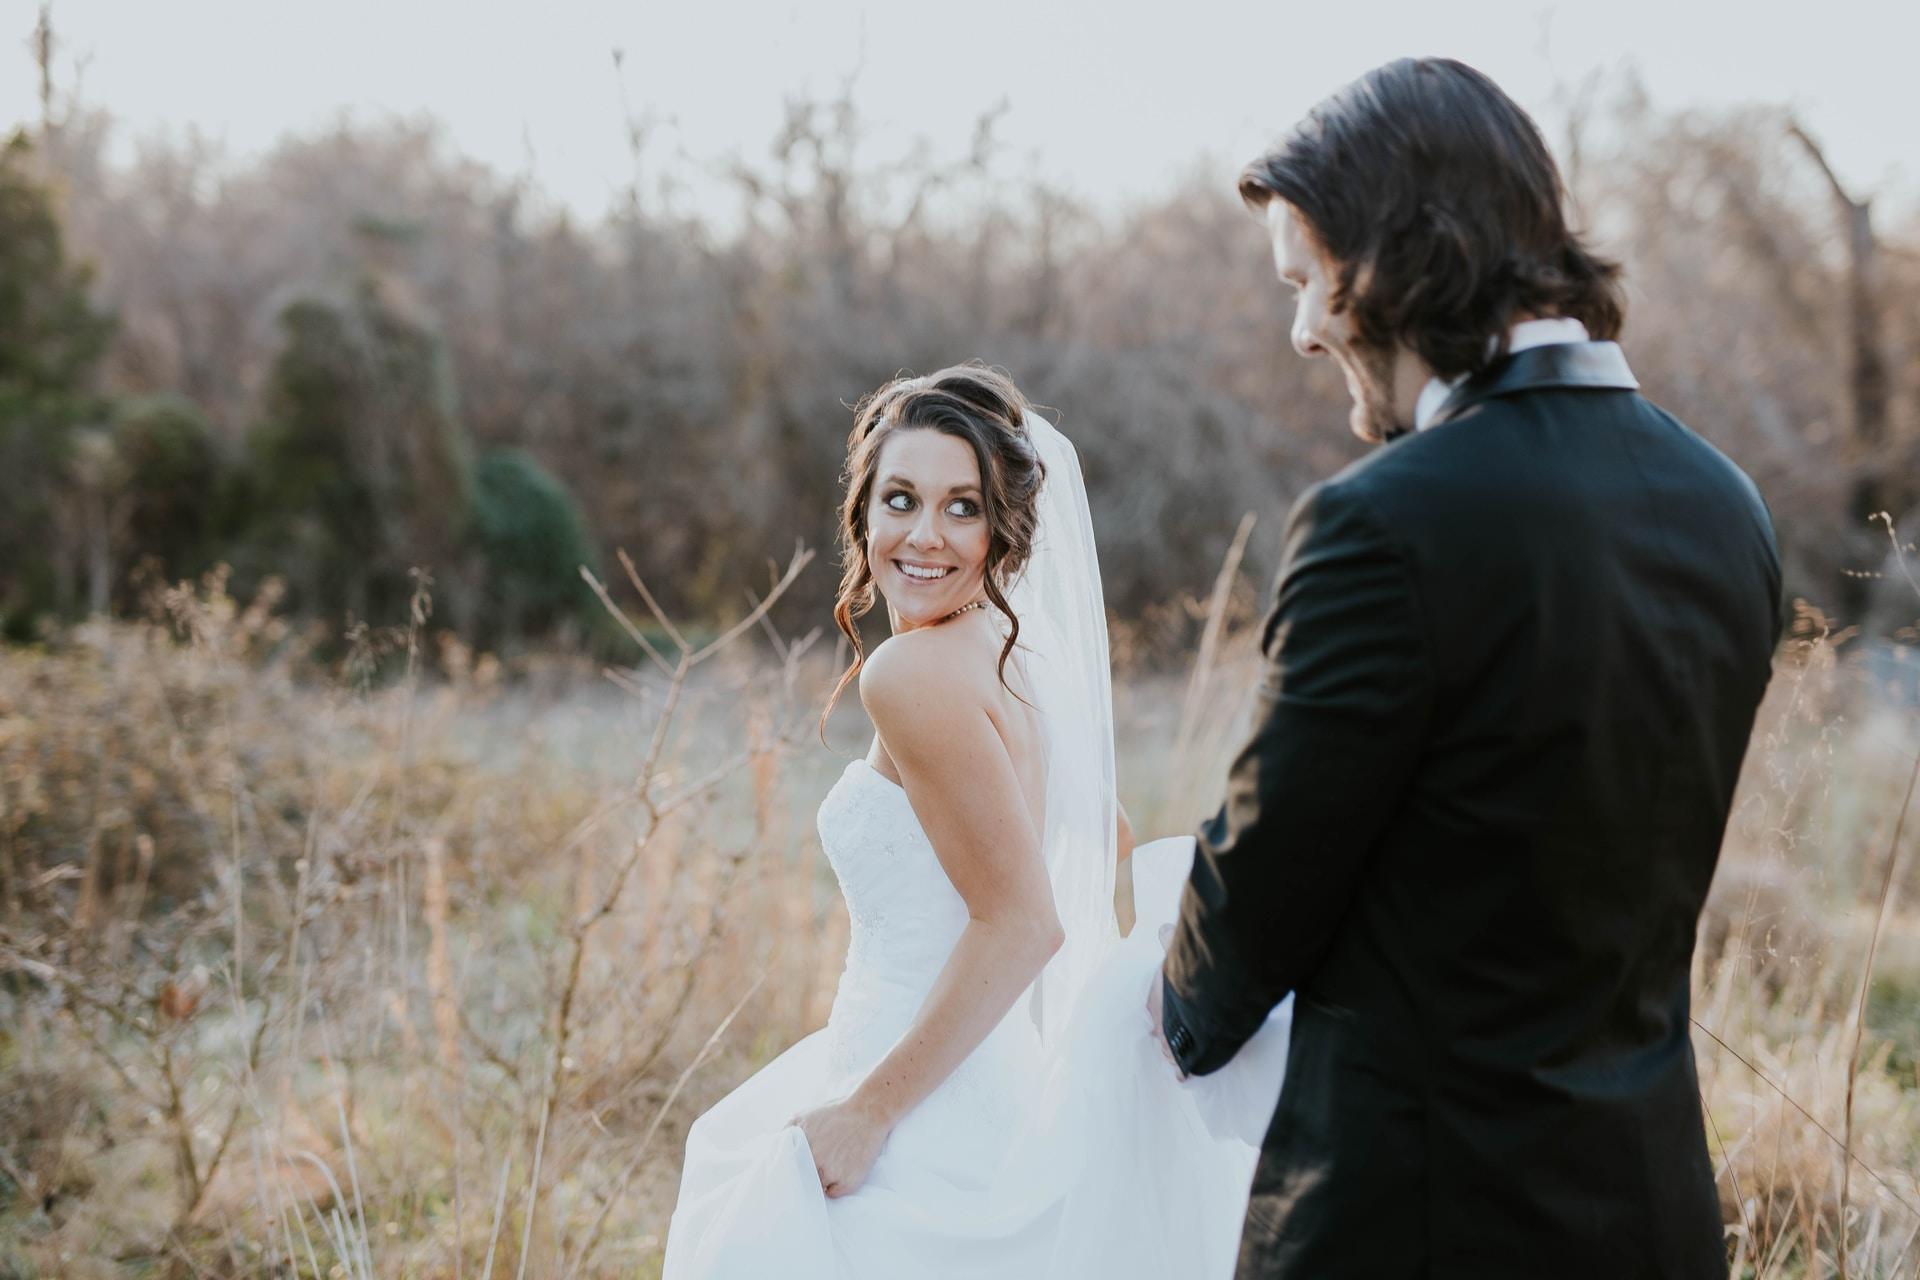 η εικόνα της τέλειας νύφης